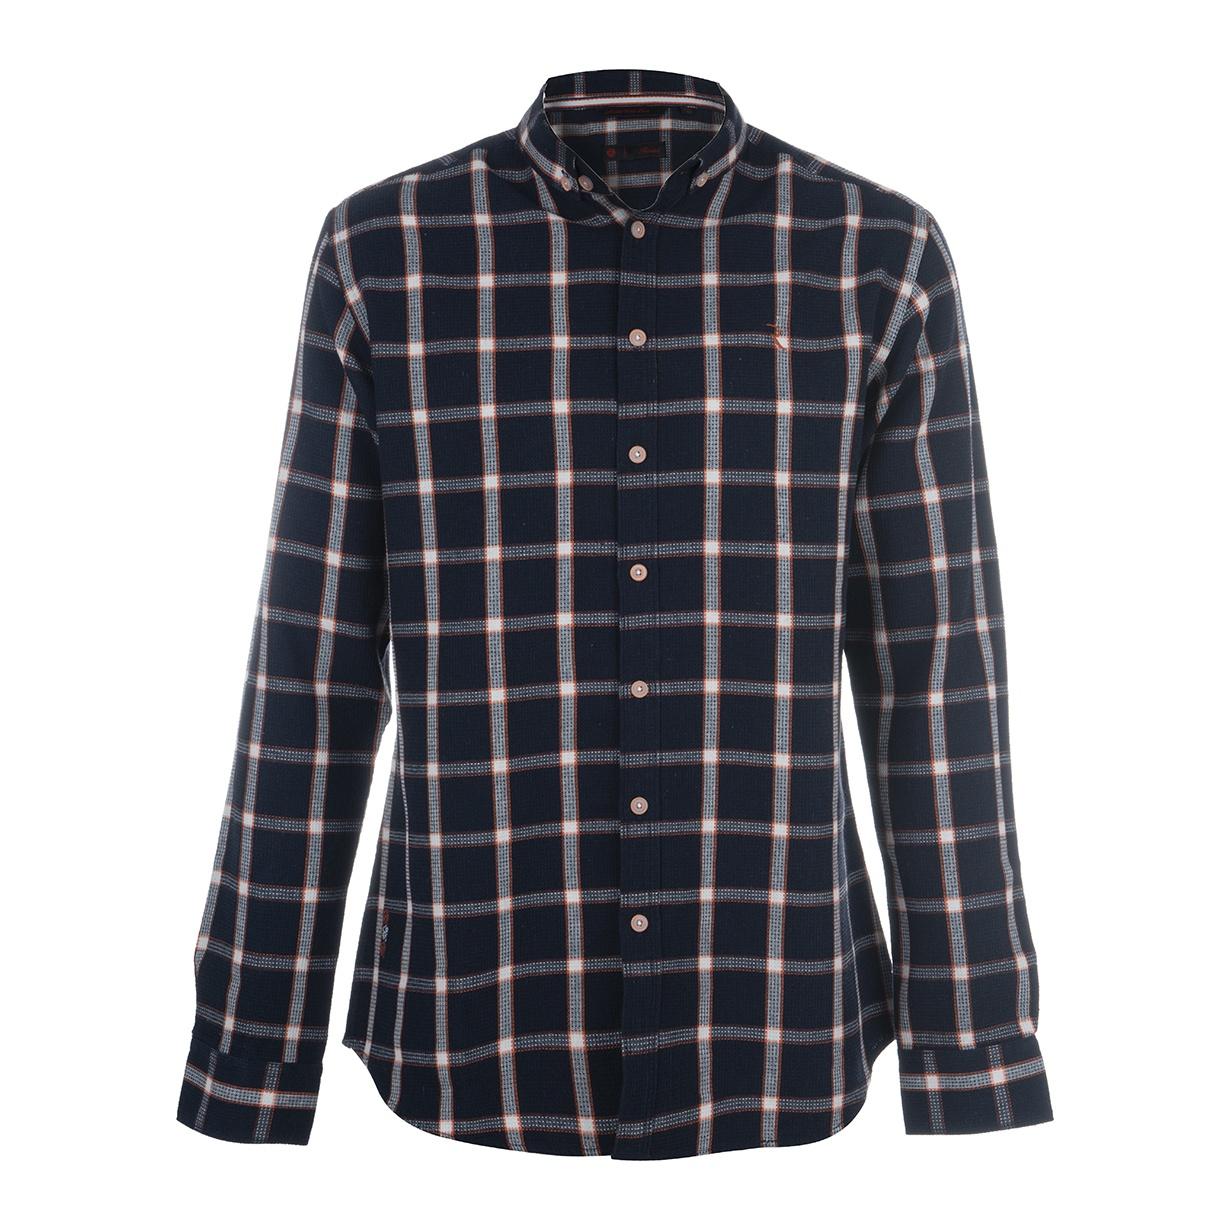 پیراهن مردانه رونی مدل 1133015607-59